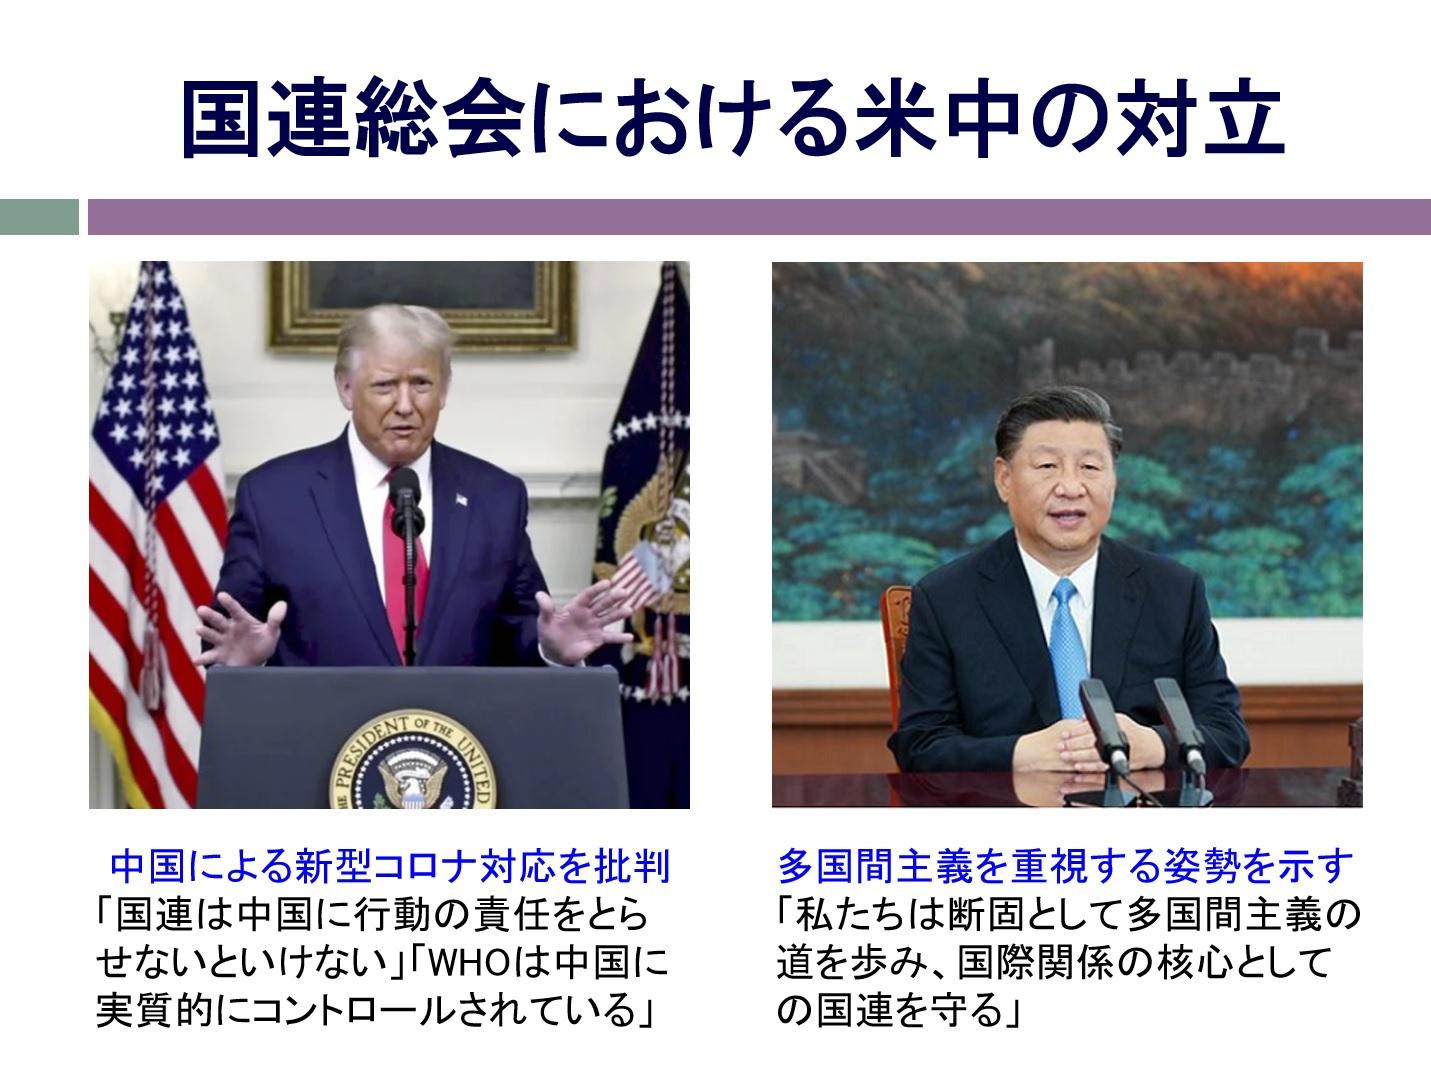 挿入画像02=国連を舞台とする米中の動向と日本